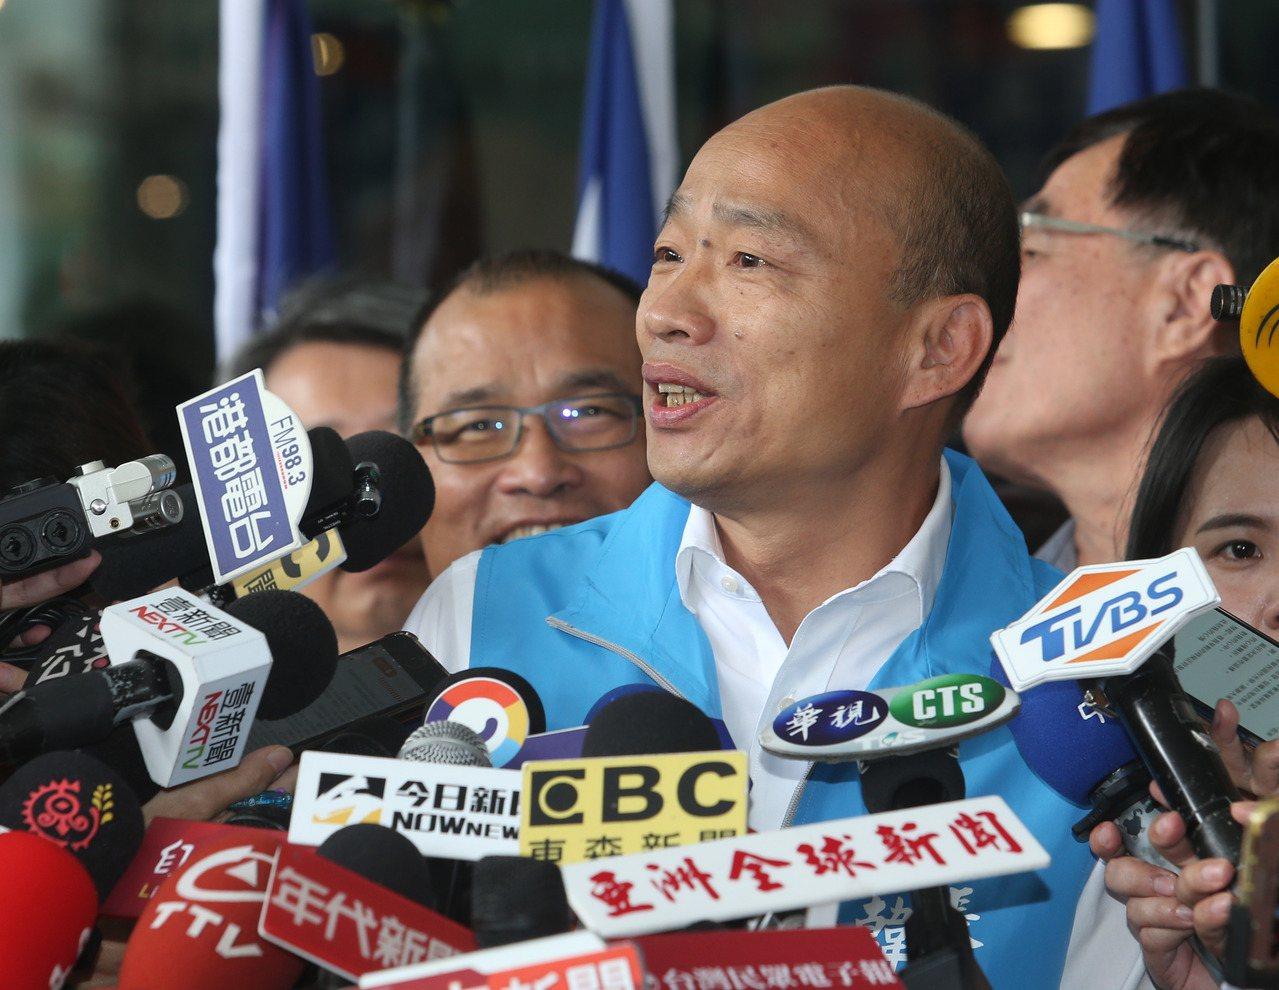 高雄市長韓國瑜宣布請假參選總統。記者劉學聖/攝影